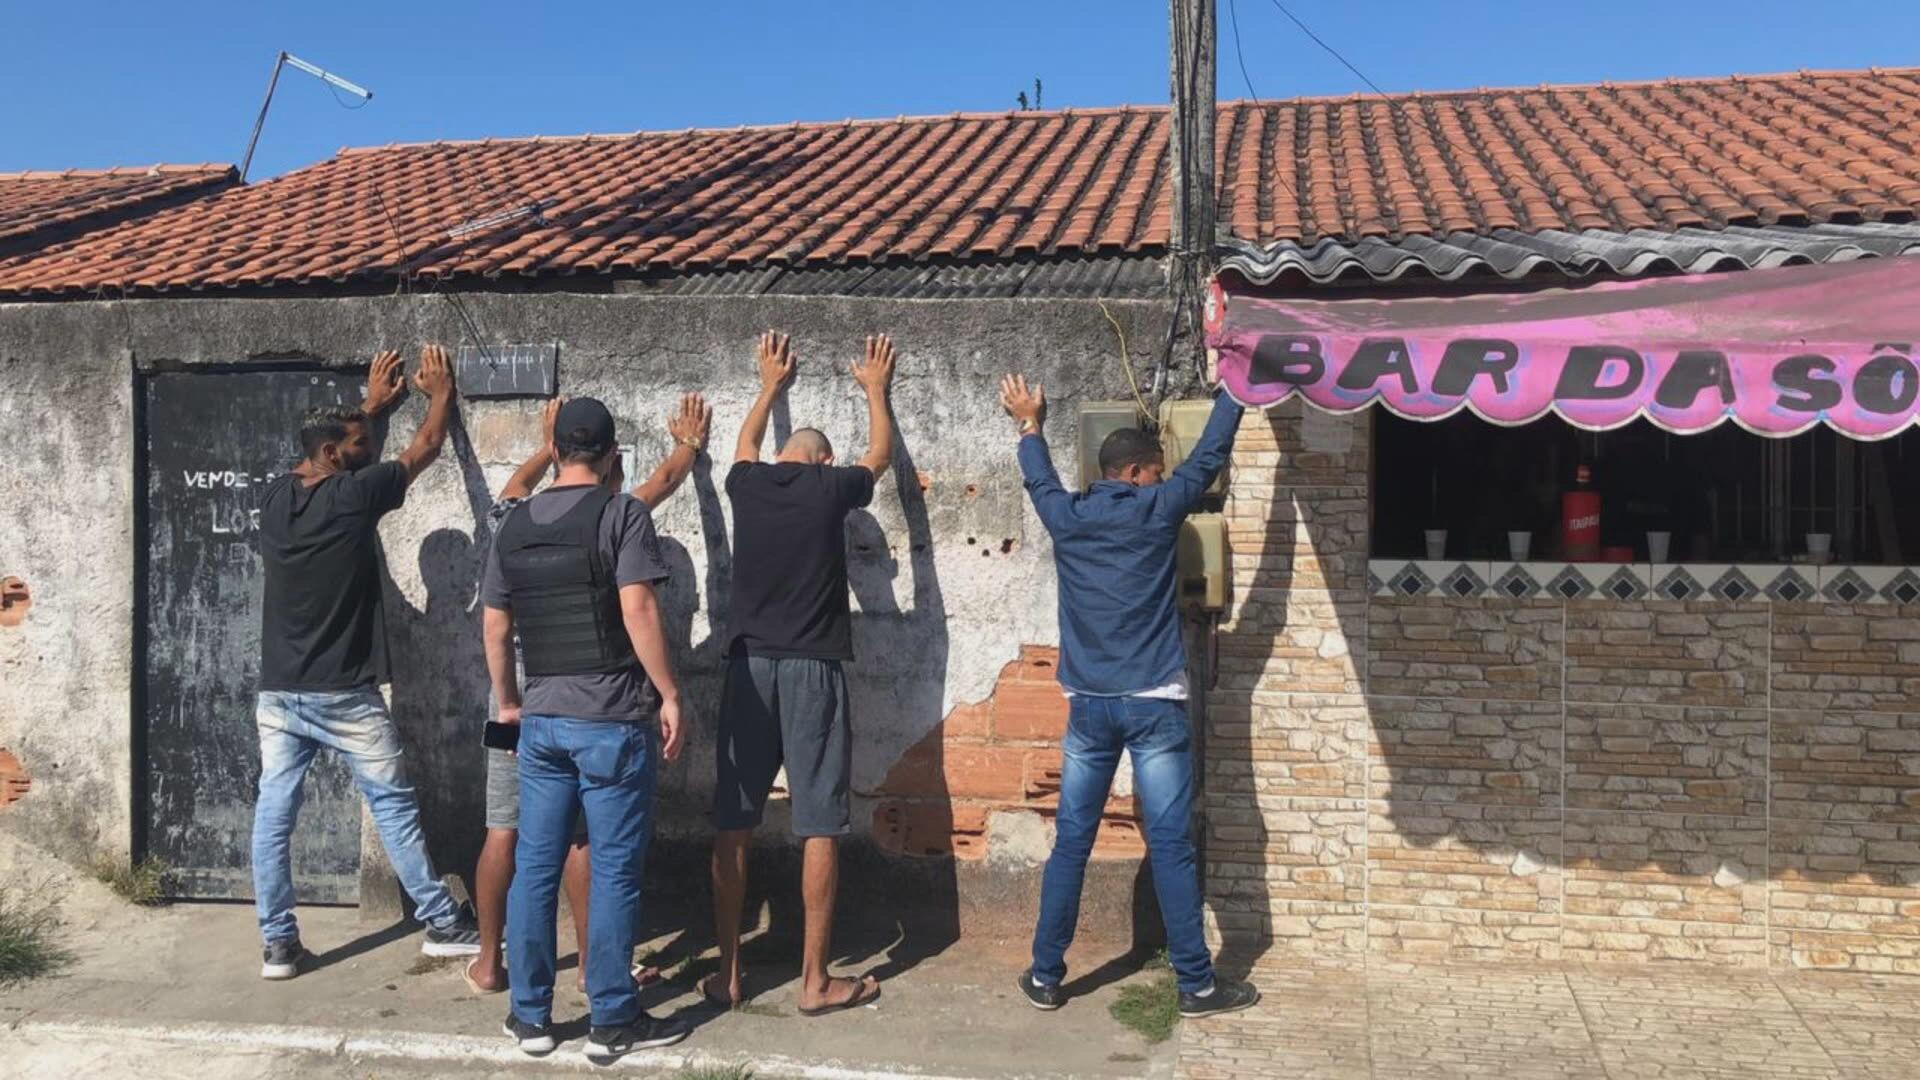 Polícia prende 4 suspeitos de integrar milícia que extorquia de moradores e comerciantes em Duque de Caxias